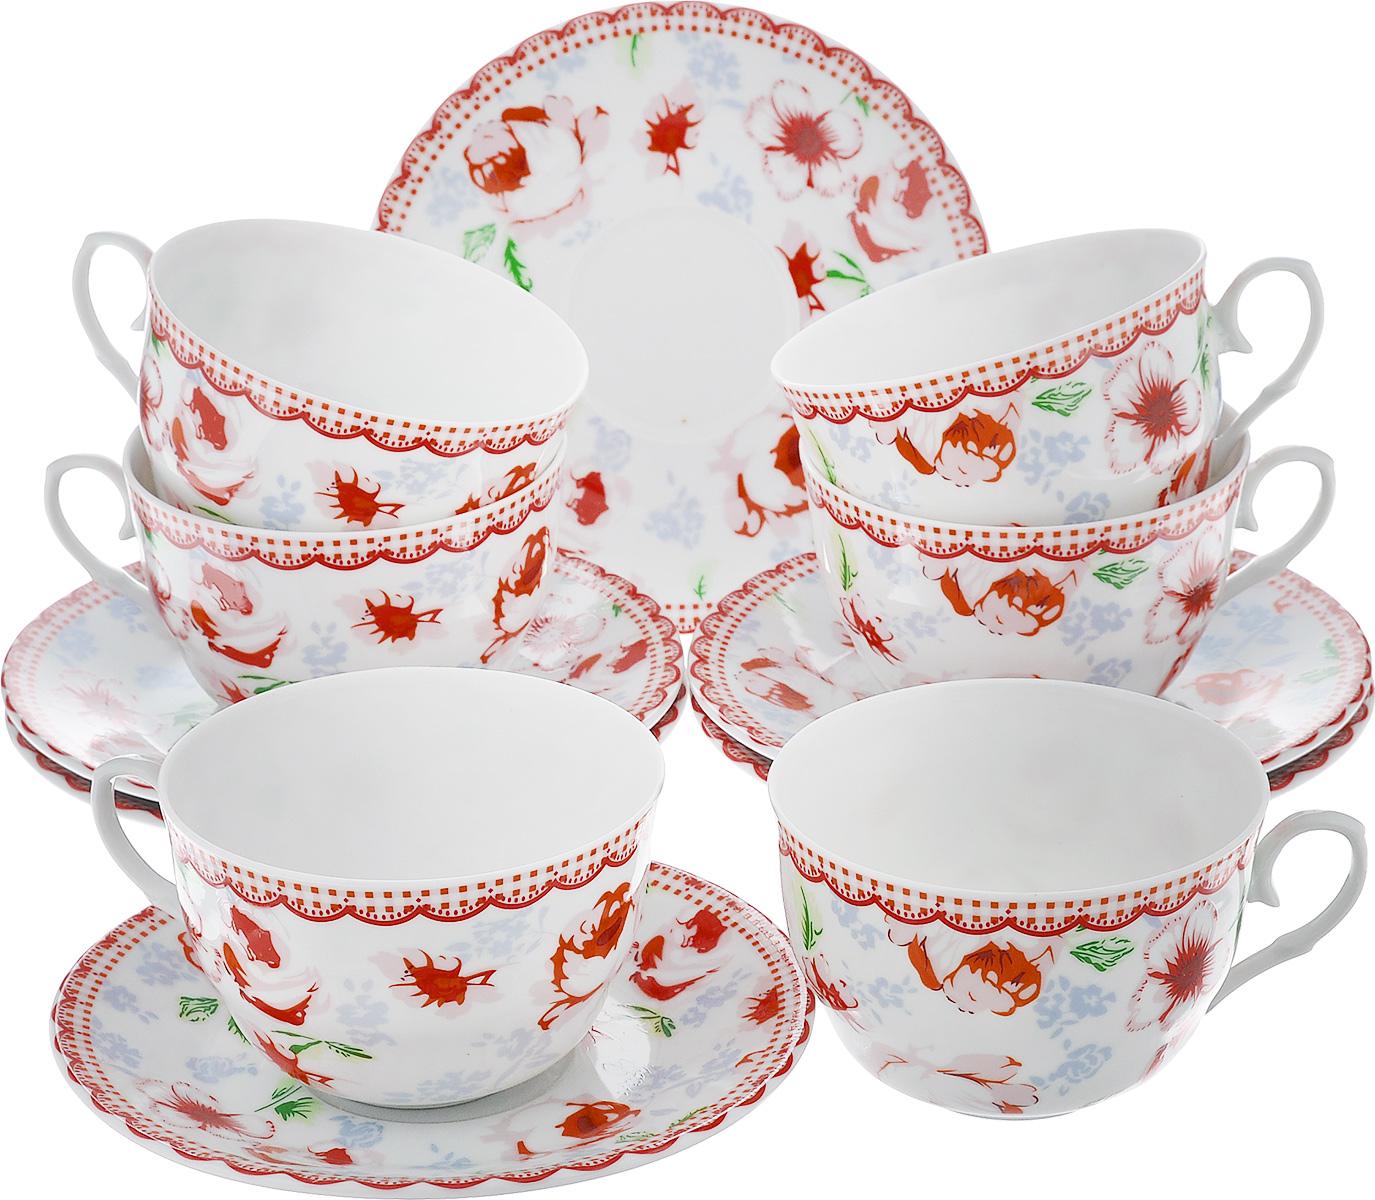 Чайный набор LarangE Кантри, цвет: белый, красный, 12 предметов586-320Чайный набор LarangE Кантри состоит из шести чашек и шести блюдец,изготовленных из фарфора. Предметы набора оформленыизящным ярким рисунком.Чайный набор LarangE Кантри украсит ваш кухонный стол, а такжестанет замечательным подарком друзьям и близким.Объем чашки: 250 мл.Диаметр чашки по верхнему краю: 9 см.Высота чашки: 6 см.Диаметр блюдца: 14,5 см.